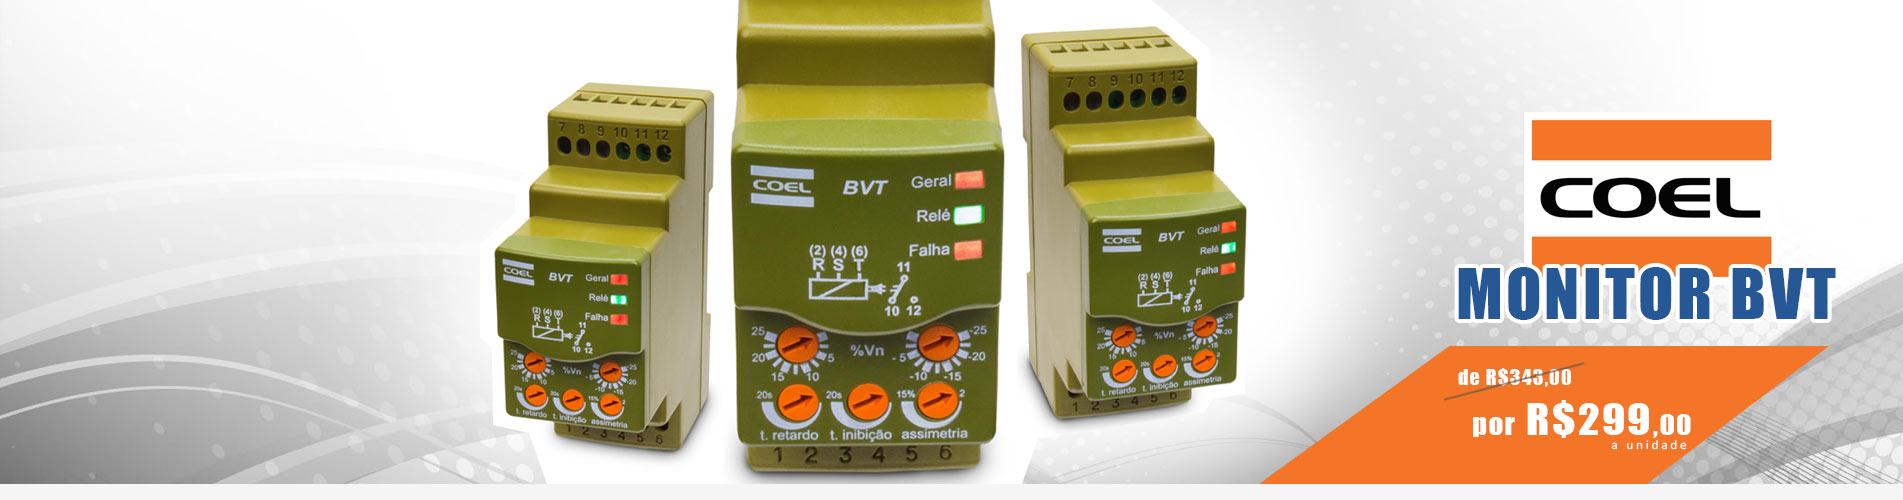 Monitor BVT da Coel